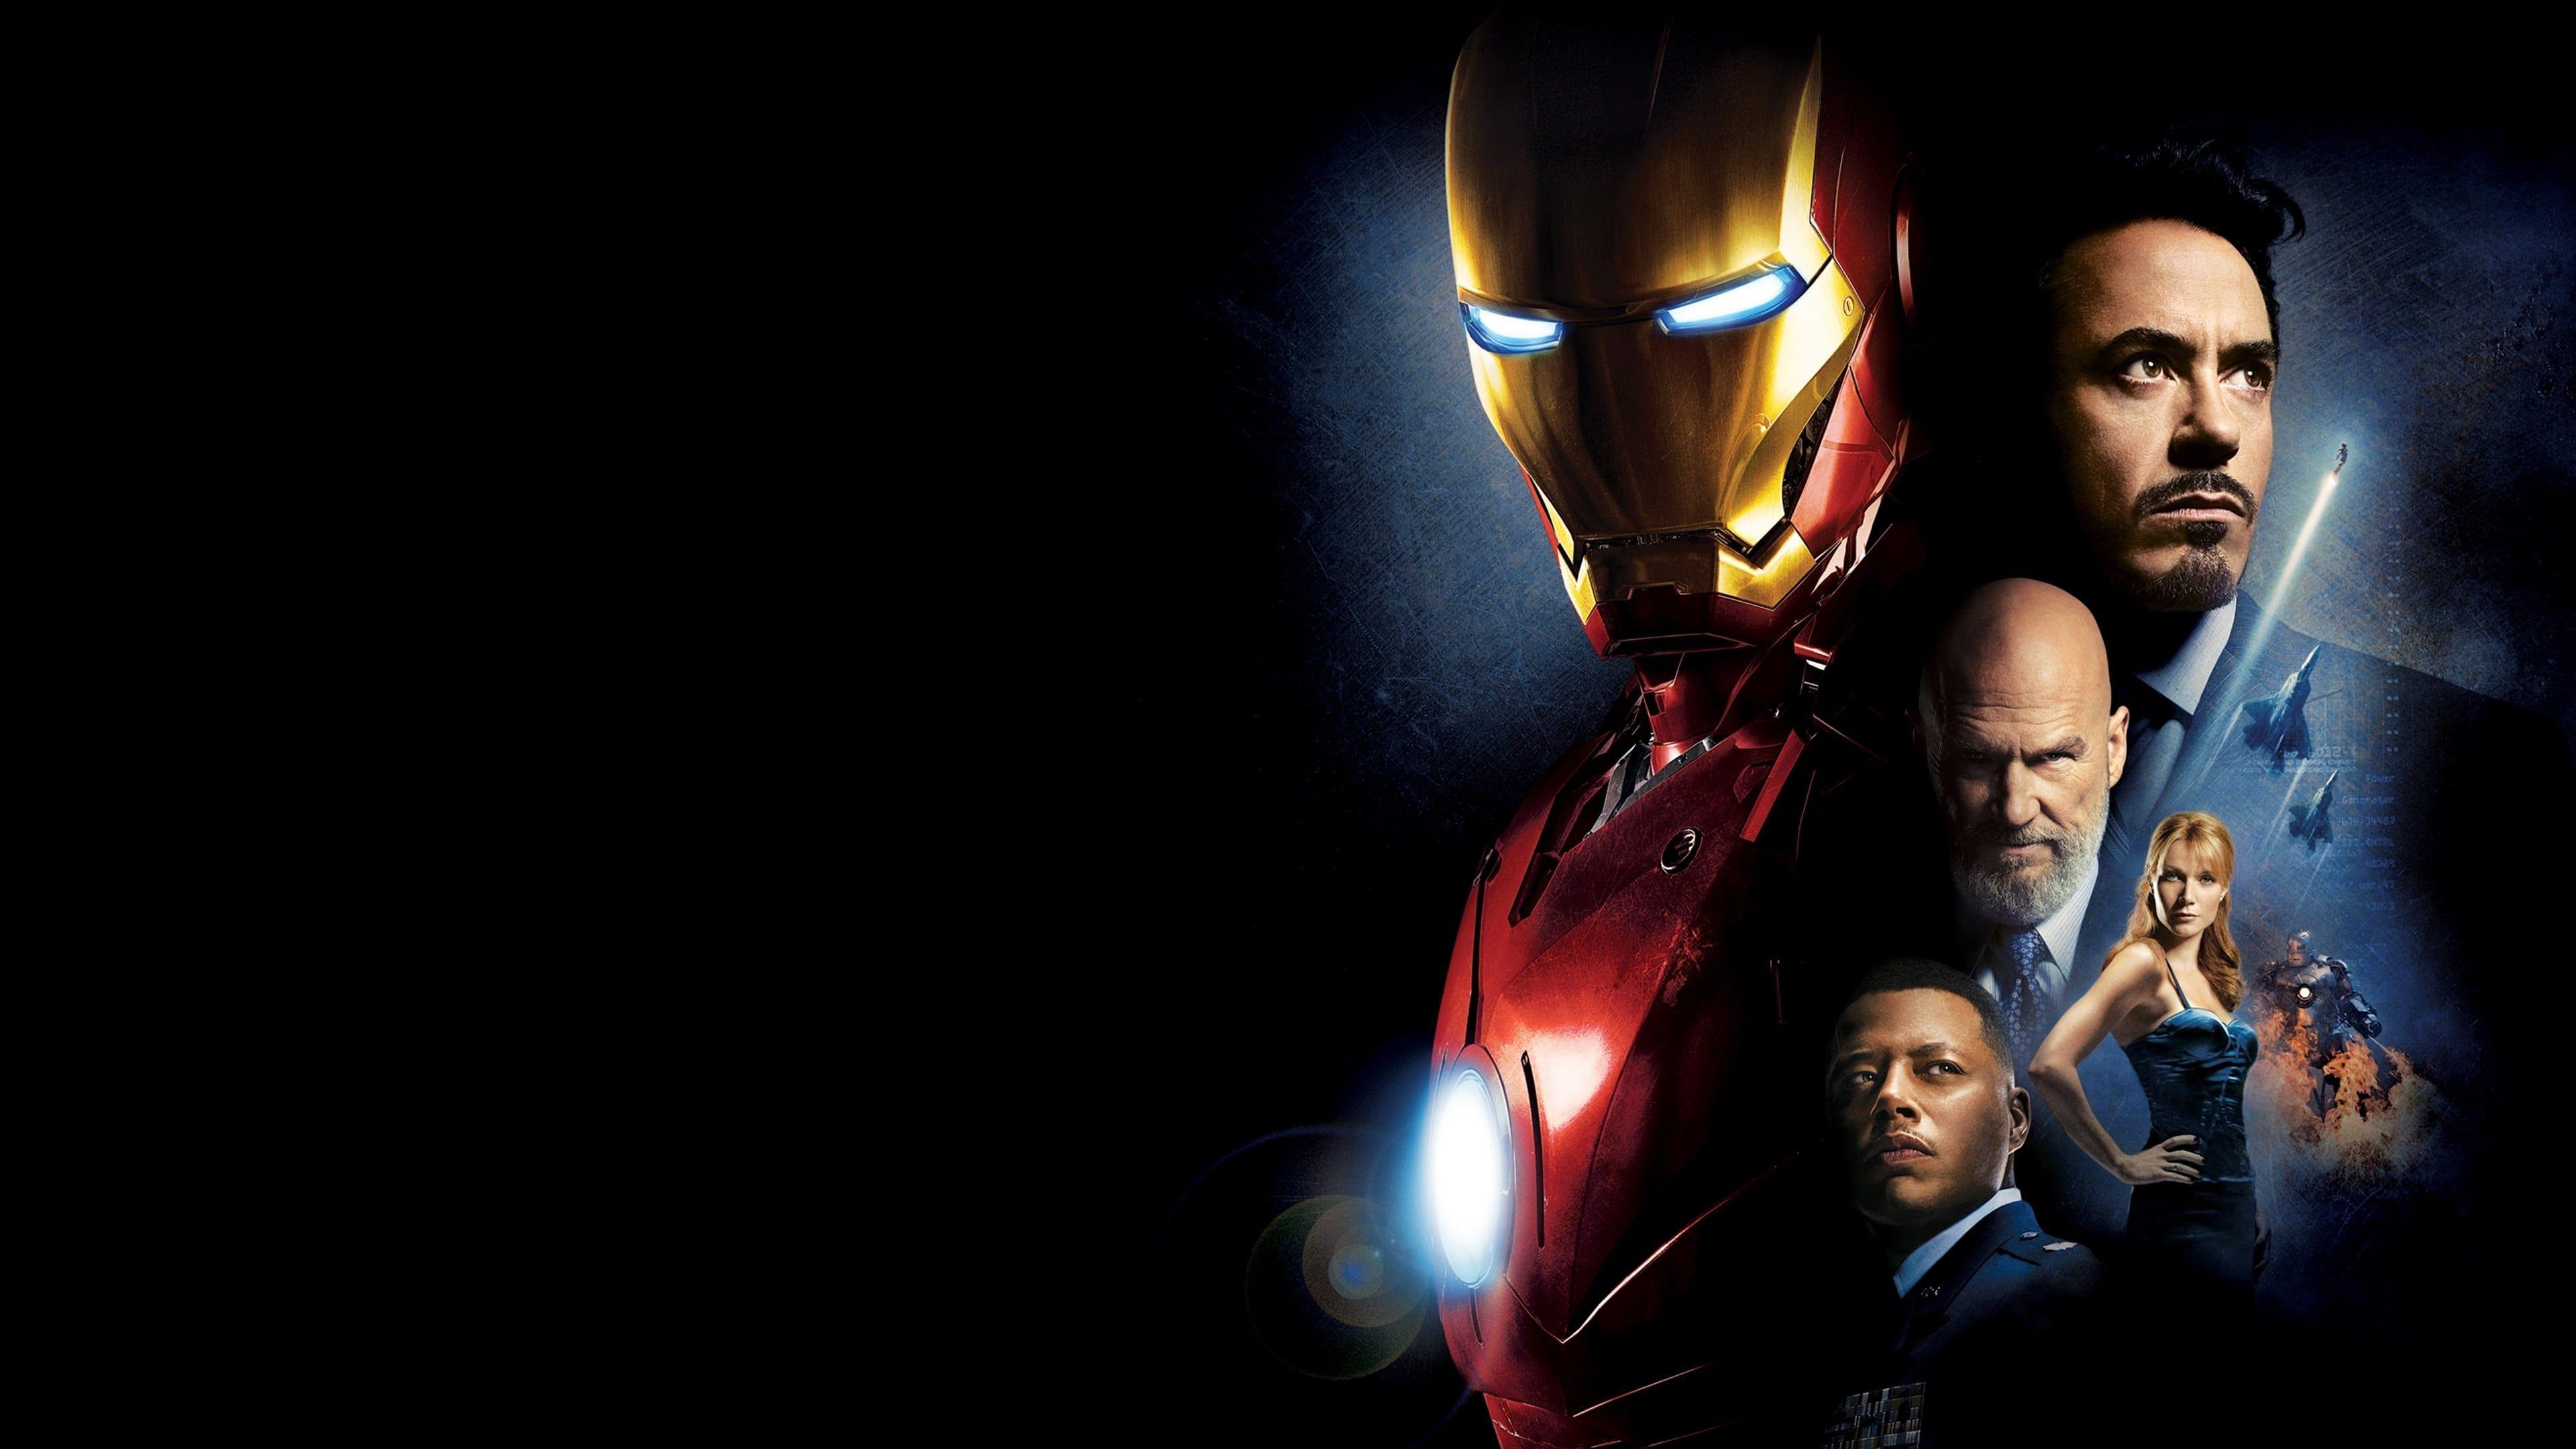 Tony Stark A Zsenialis Feltalalo Es Kulonc Milliardos Eppen Legujabb Szuperfegyveret Mutatja Be Amikor A Free Movies Online Full Movies Online Free Iron Man